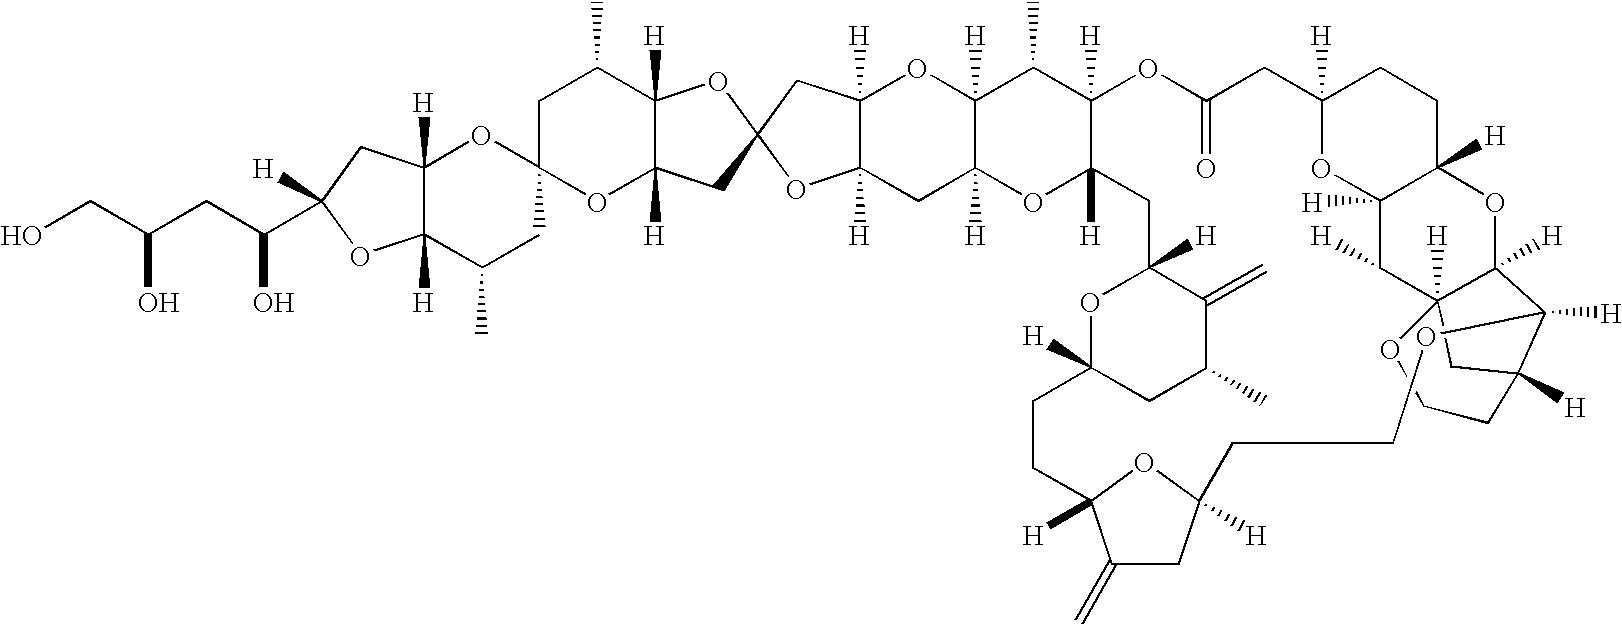 Figure US20040115168A1-20040617-C00031